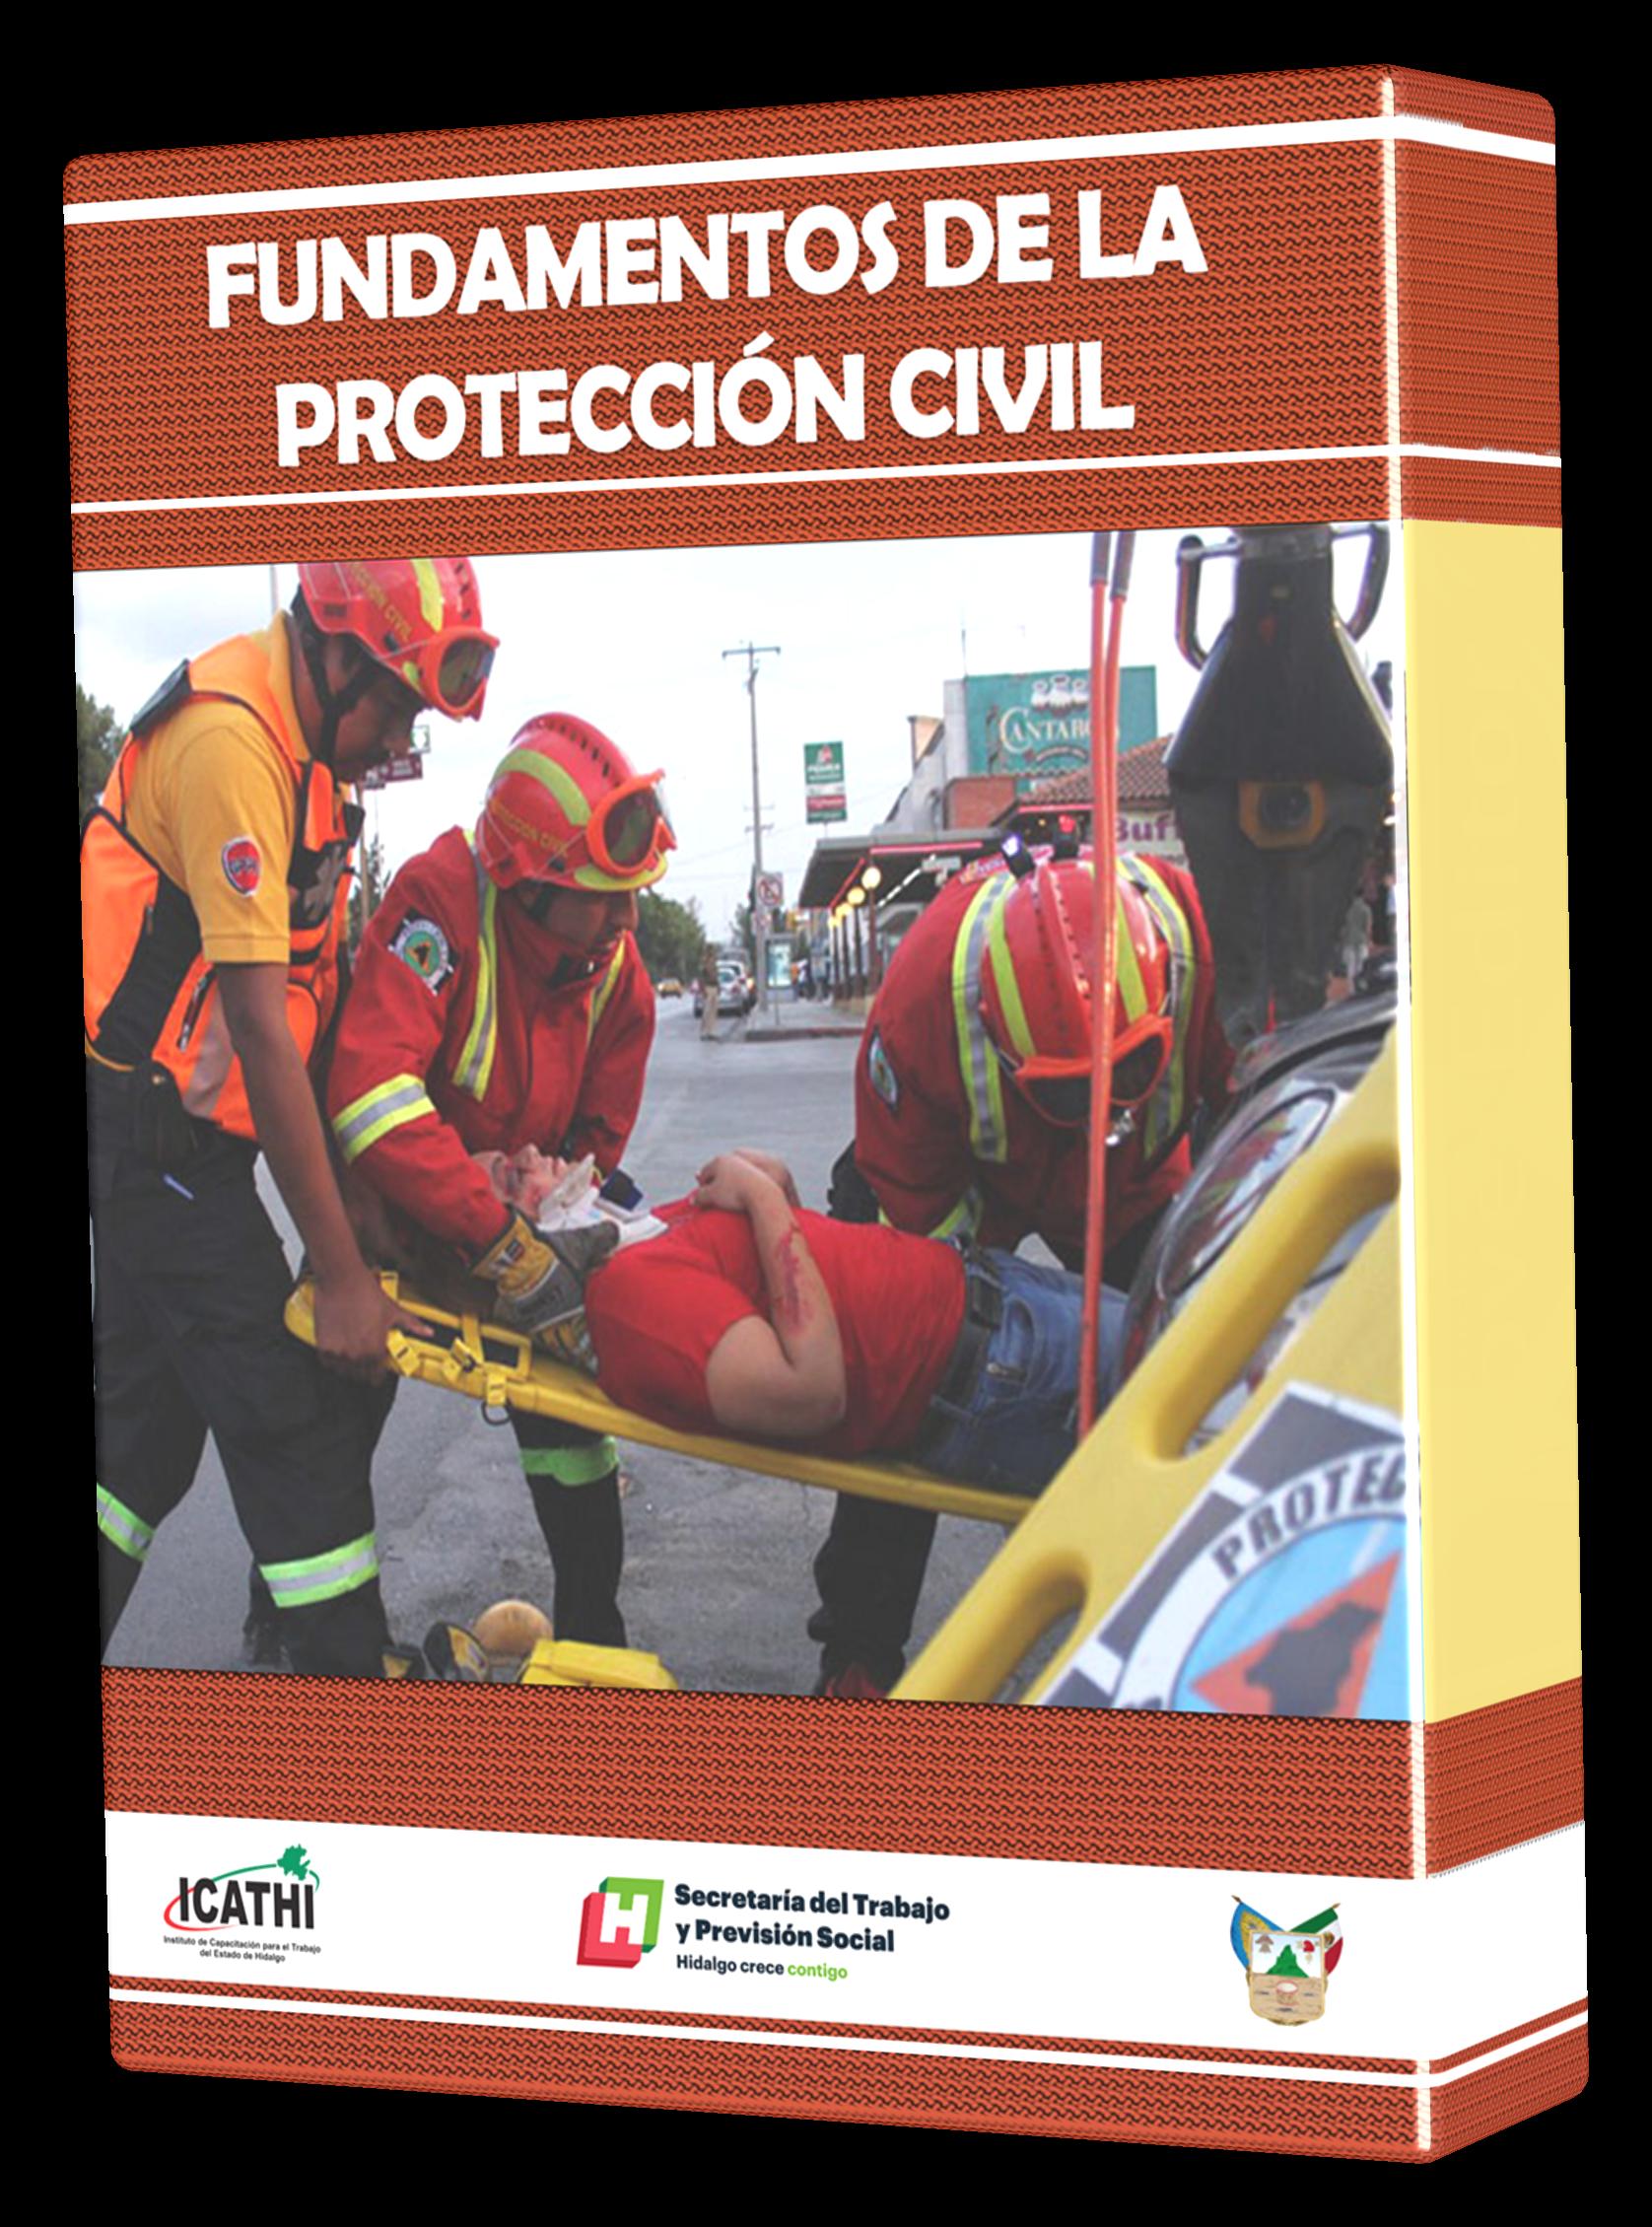 Imagen curso de protección civil